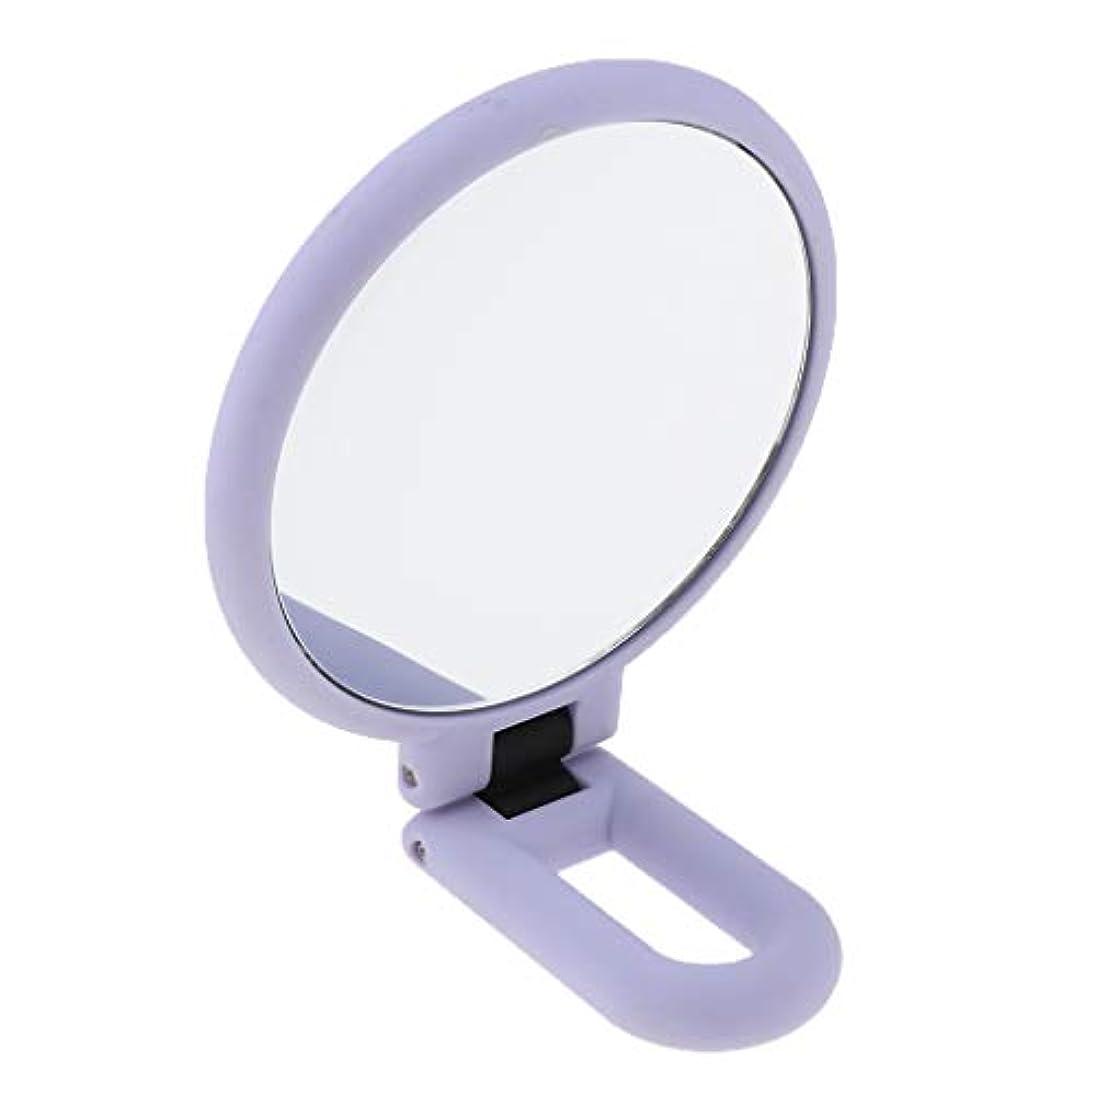 かなり対象愛情折りたたみ拡大鏡両面化粧卓上旅行ハンドヘルド折りたたみミラー - 15倍の拡大鏡